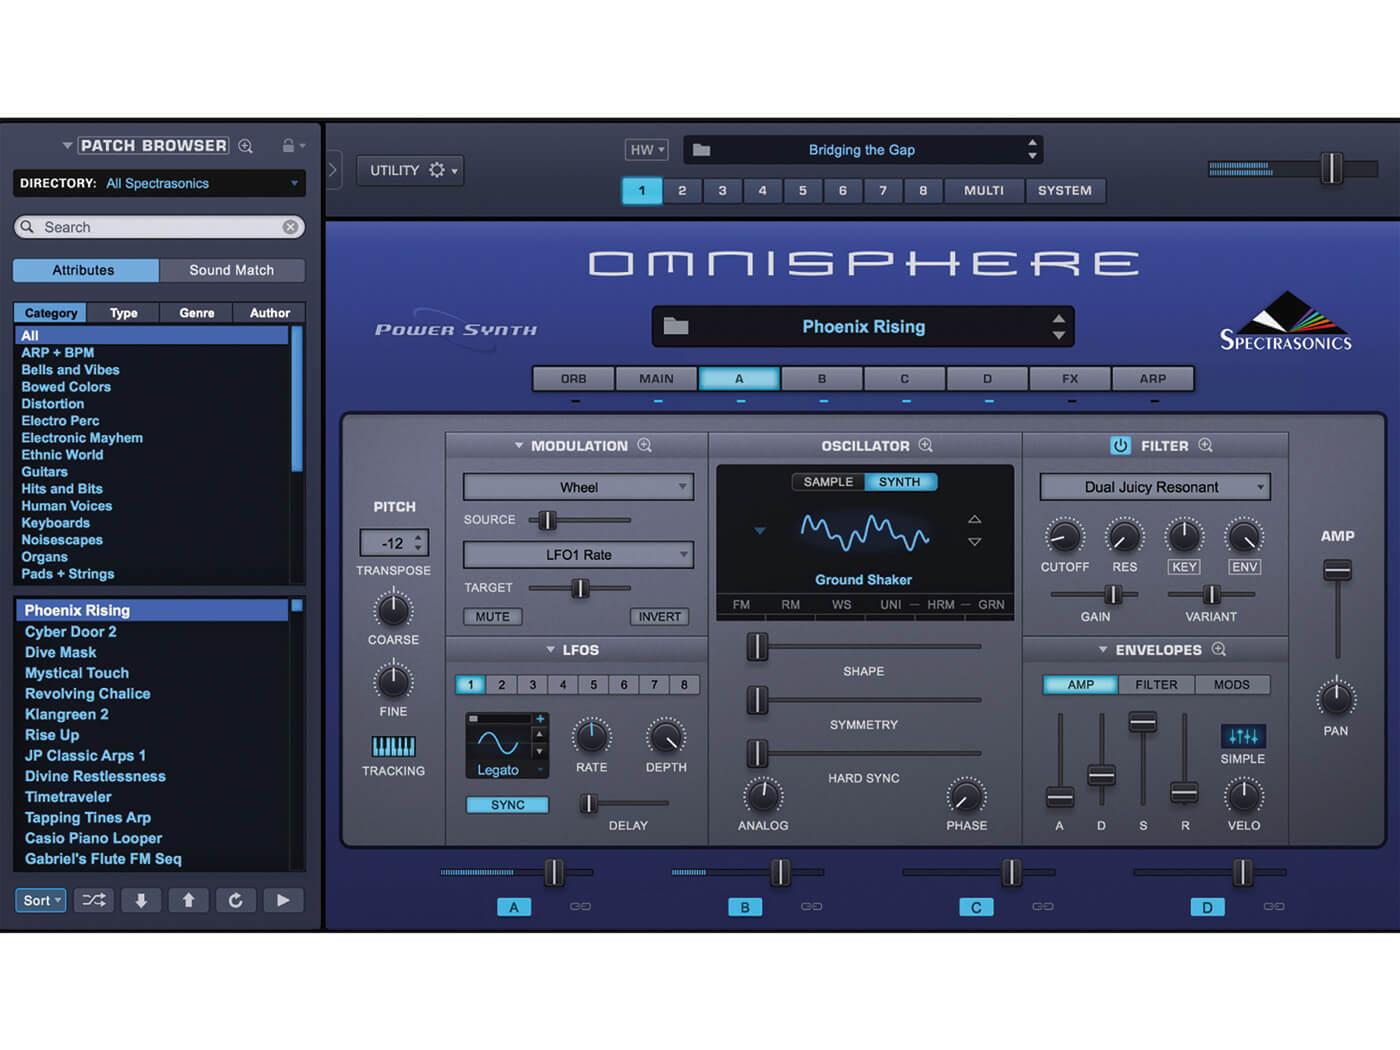 GOTd Spectrasonics Omnisphere 2